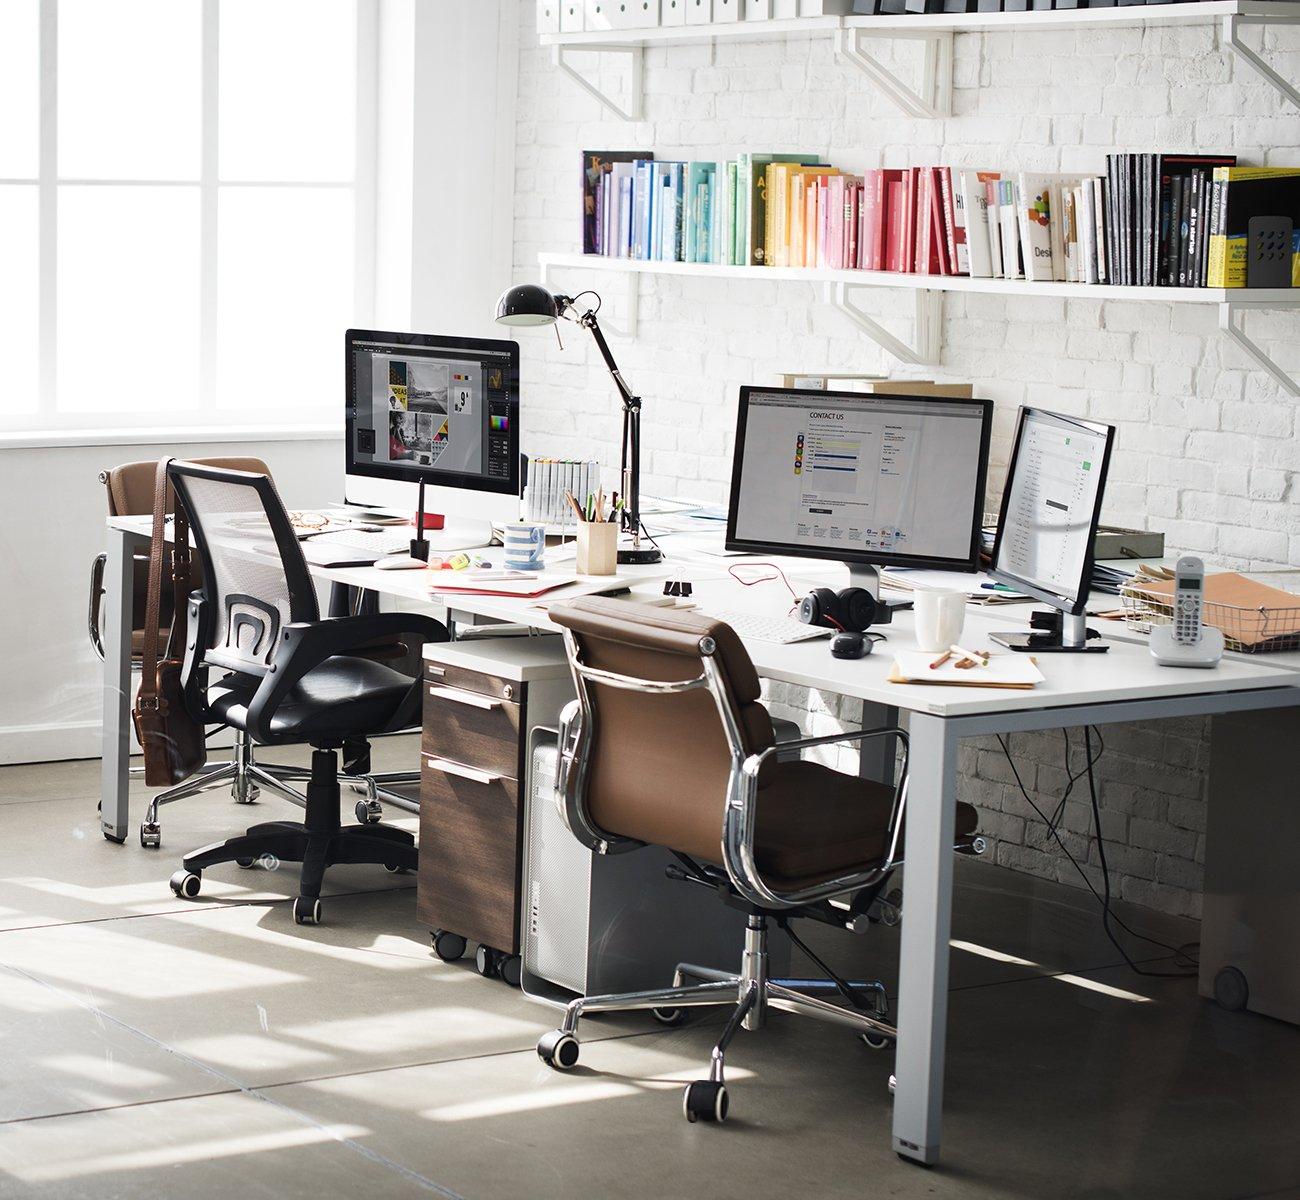 Hartbodenrollen Stift 11mm//Durchmesser 50mm/f/ür Drehstuhlrollen Stuhlrollen in schwarz Wei/ß Agoer Drehstuhlrollen x5 f/ür B/ürostuhl